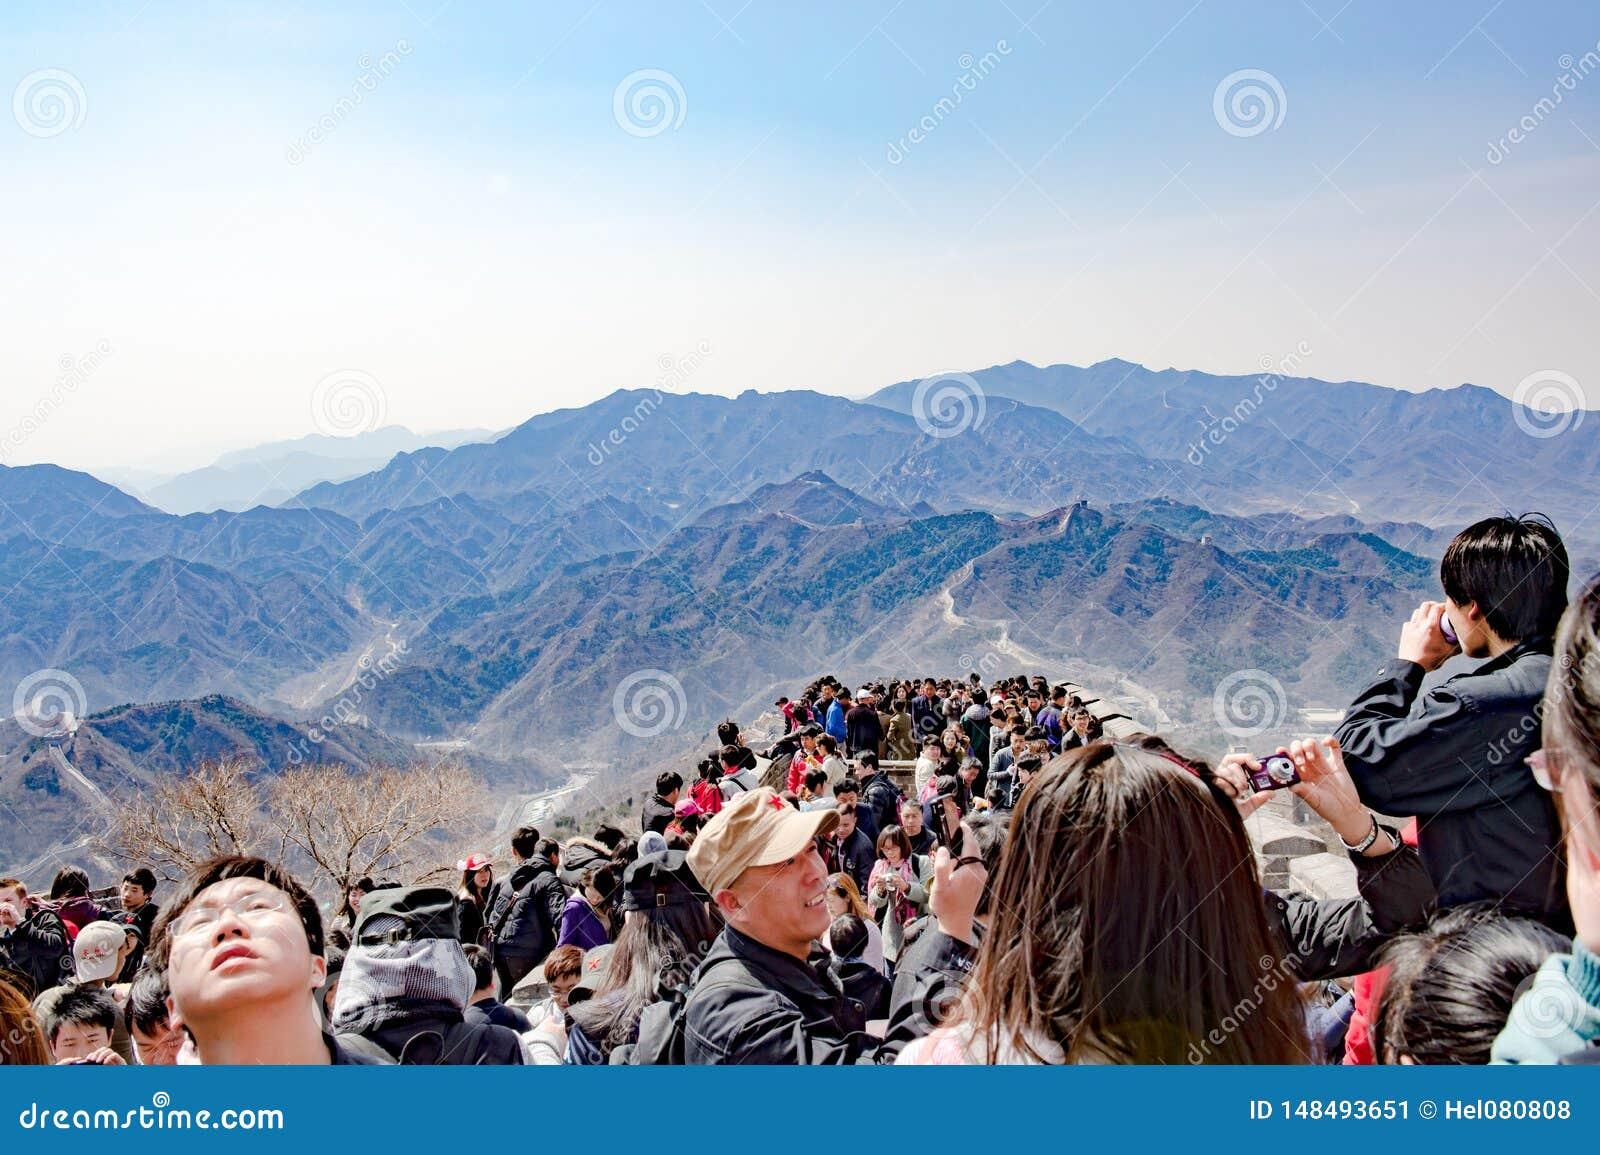 Mass tourism on Great Wall near Beijing, China